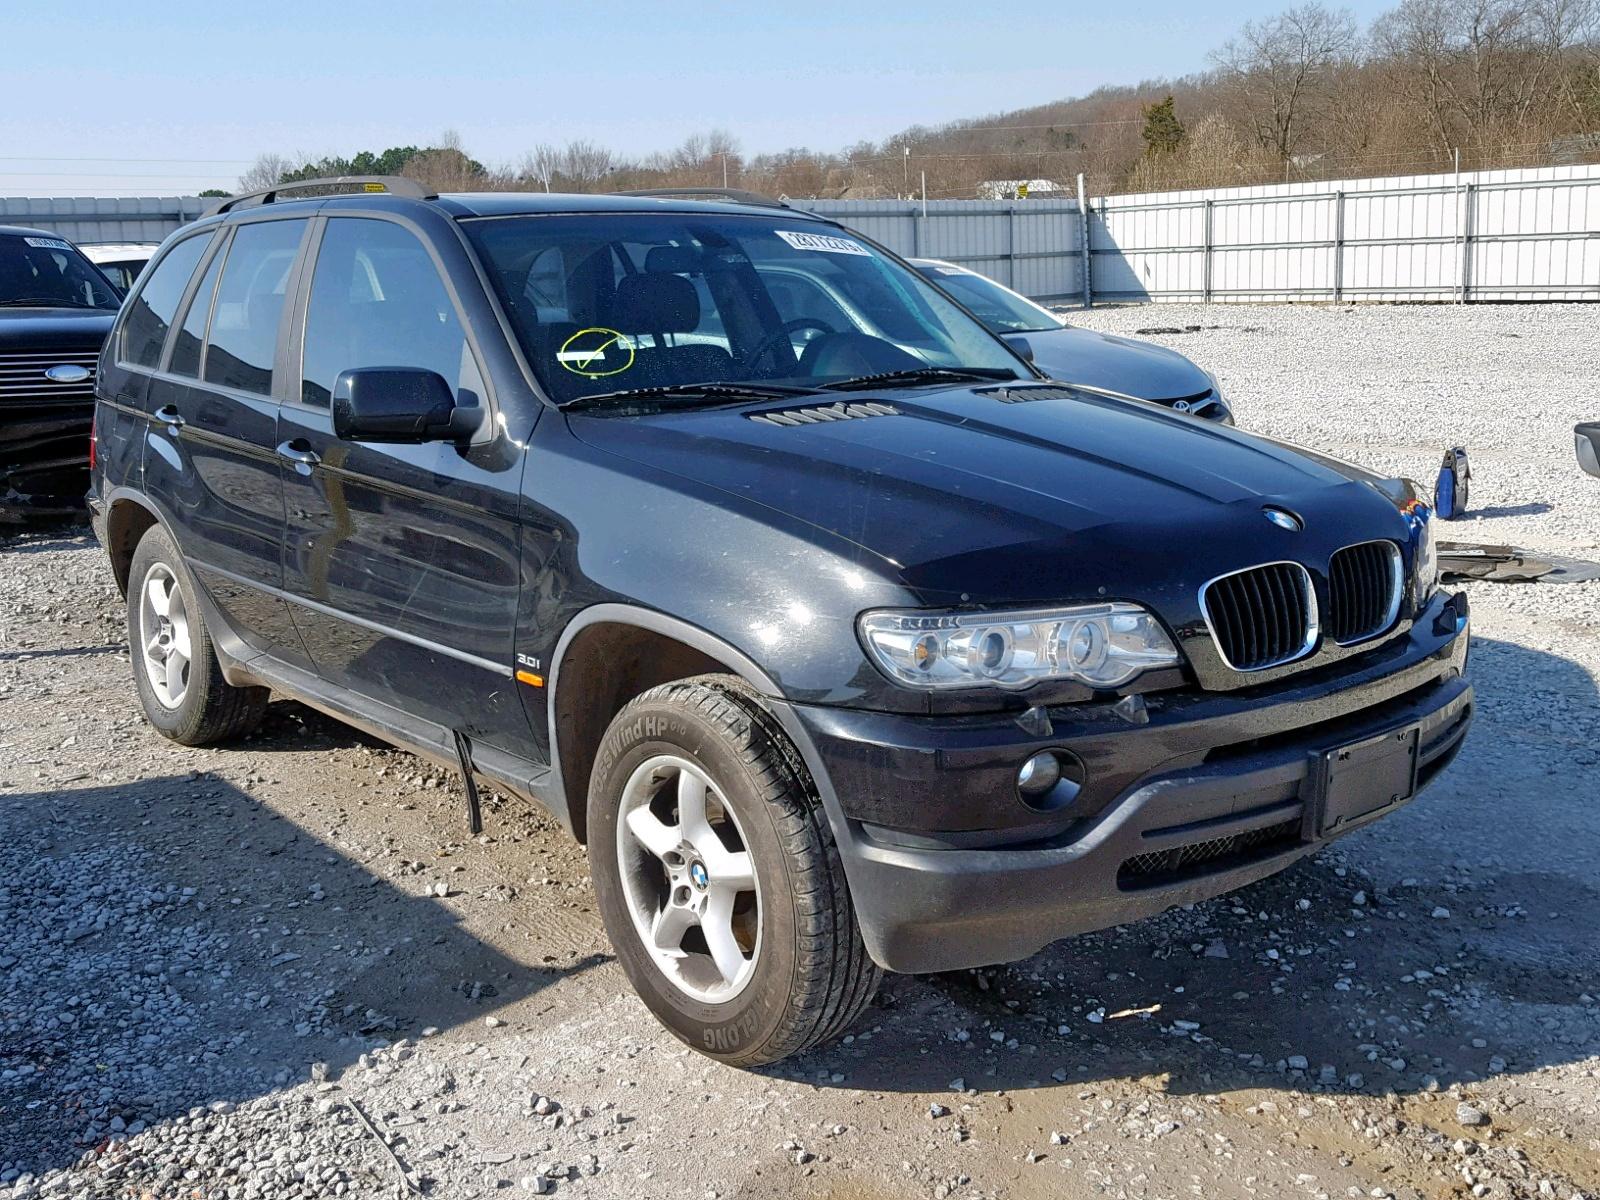 2004 x5 3.0i hp